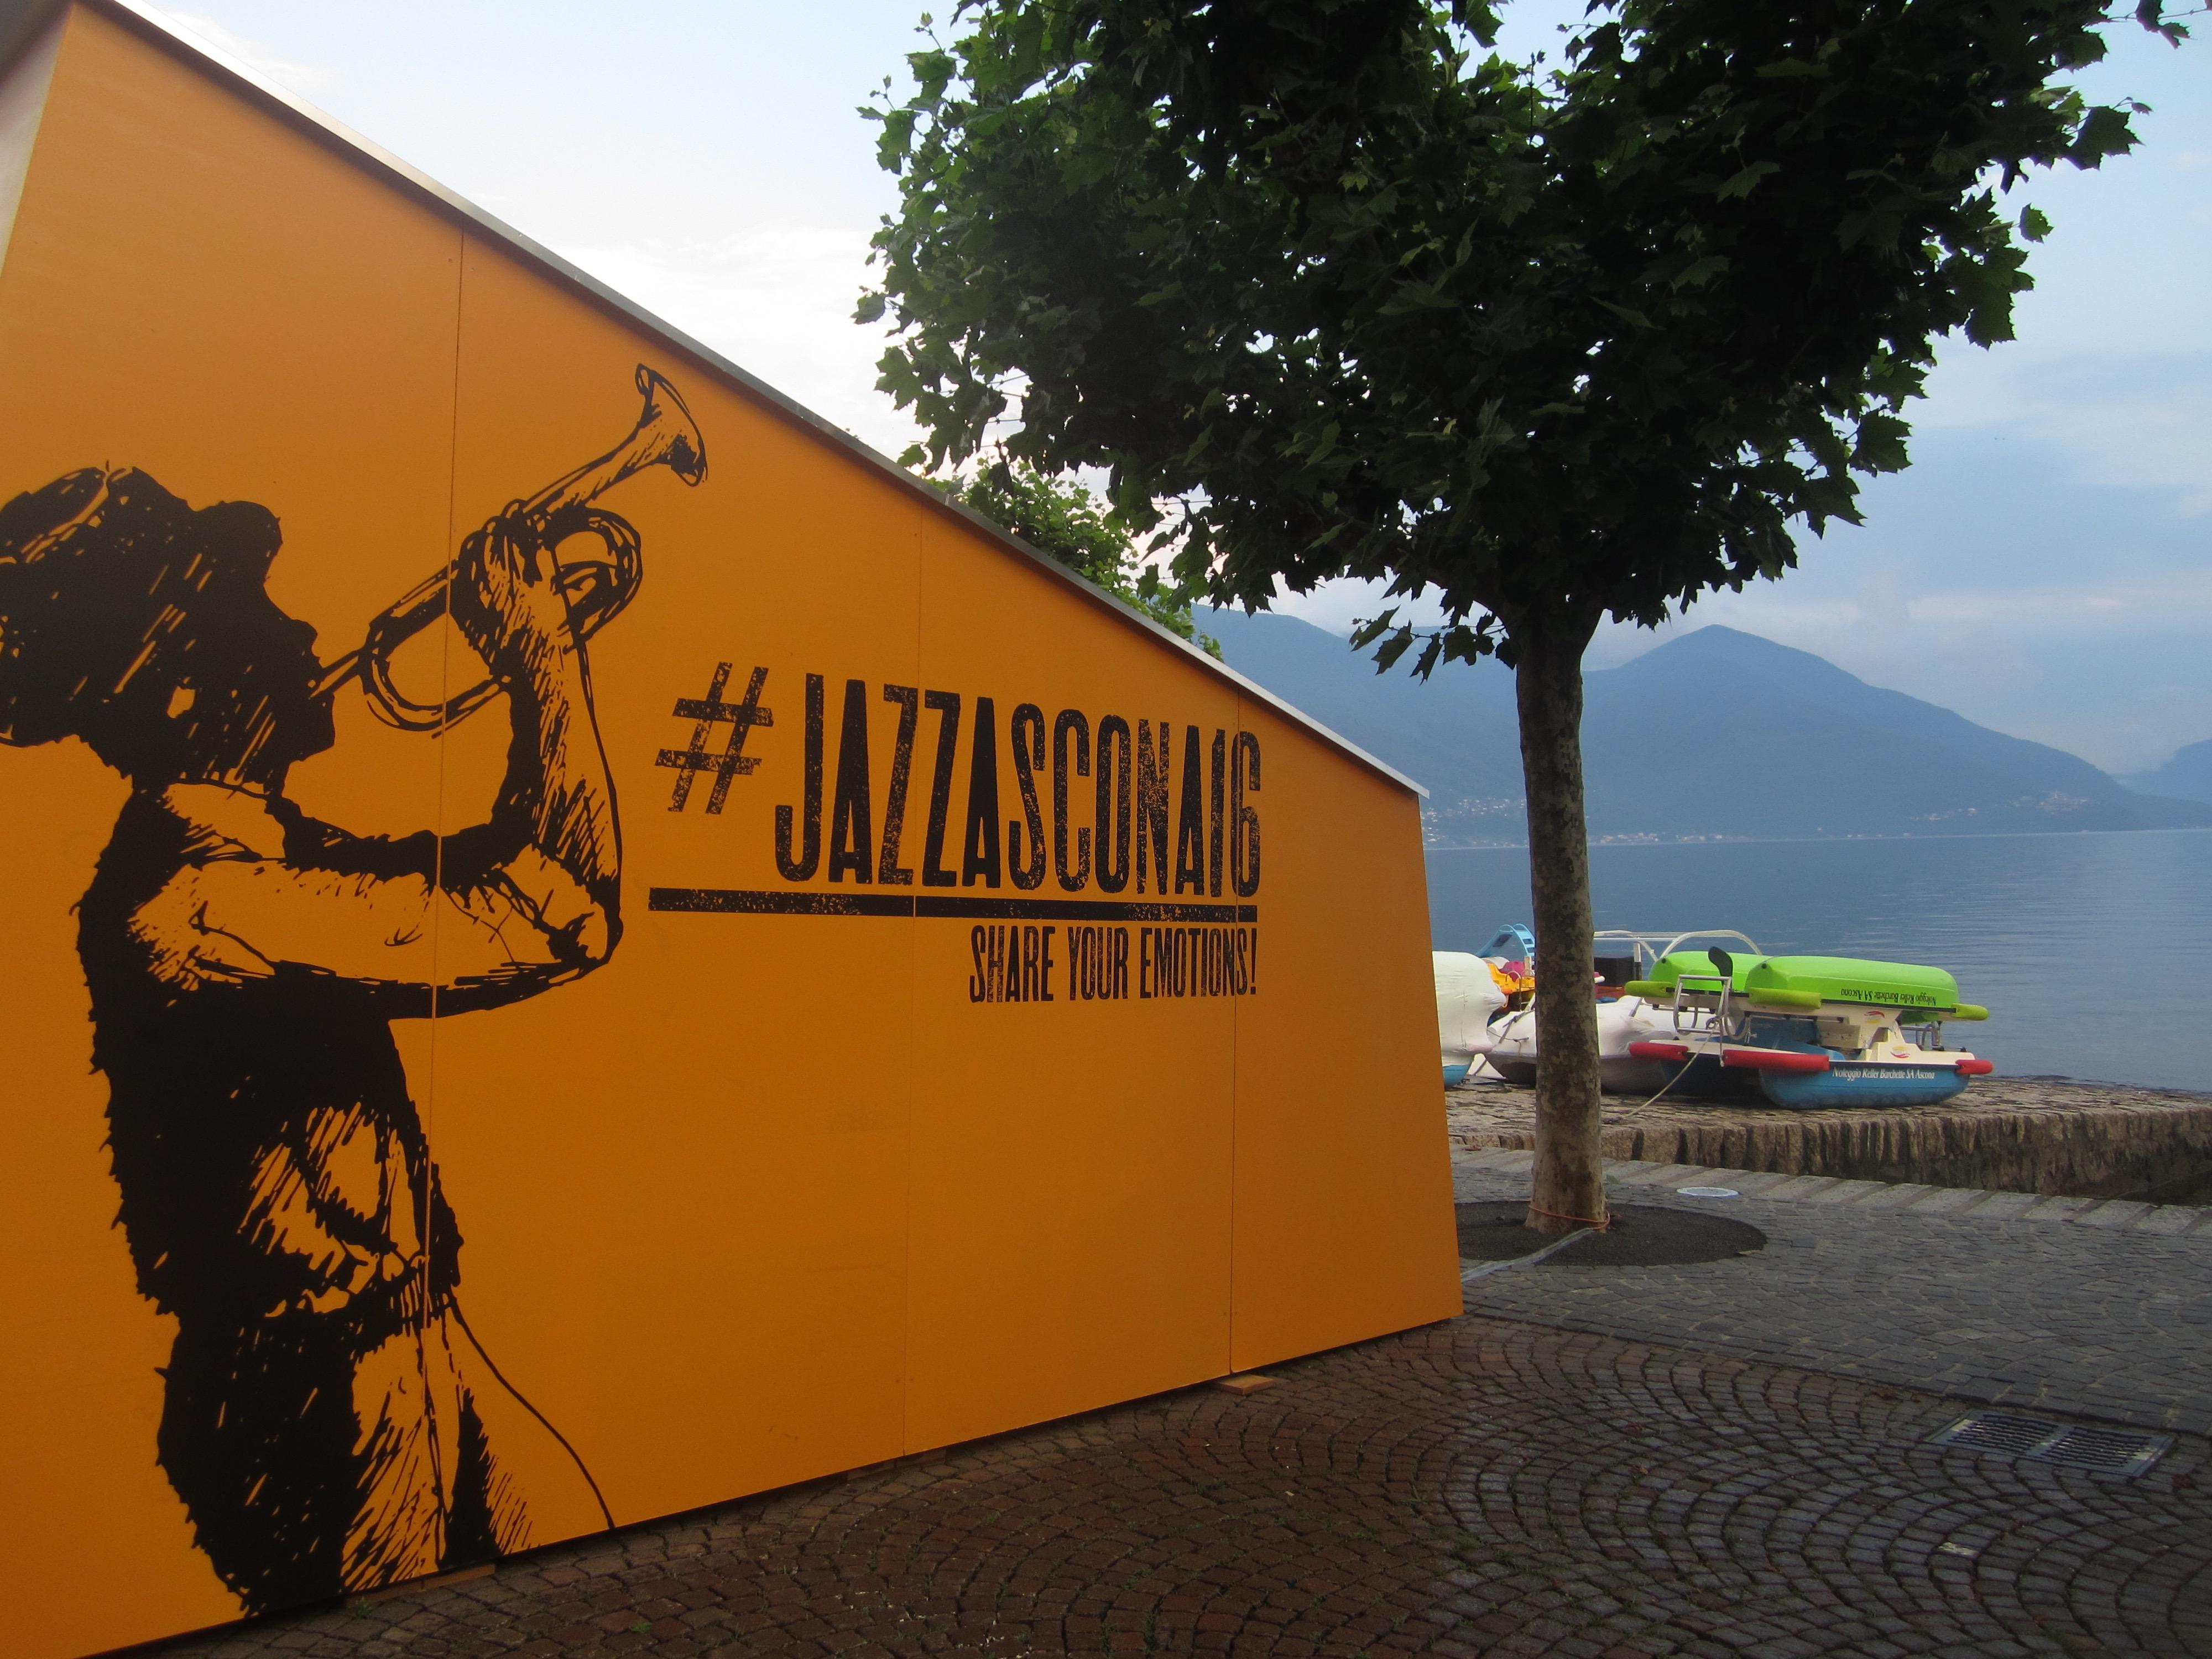 Ende Juni, anfangs Juli ist in Ascona jeweils Jazz angesagt. Sommer, Musik, wunderschöne Umgebung – was will man mehr?